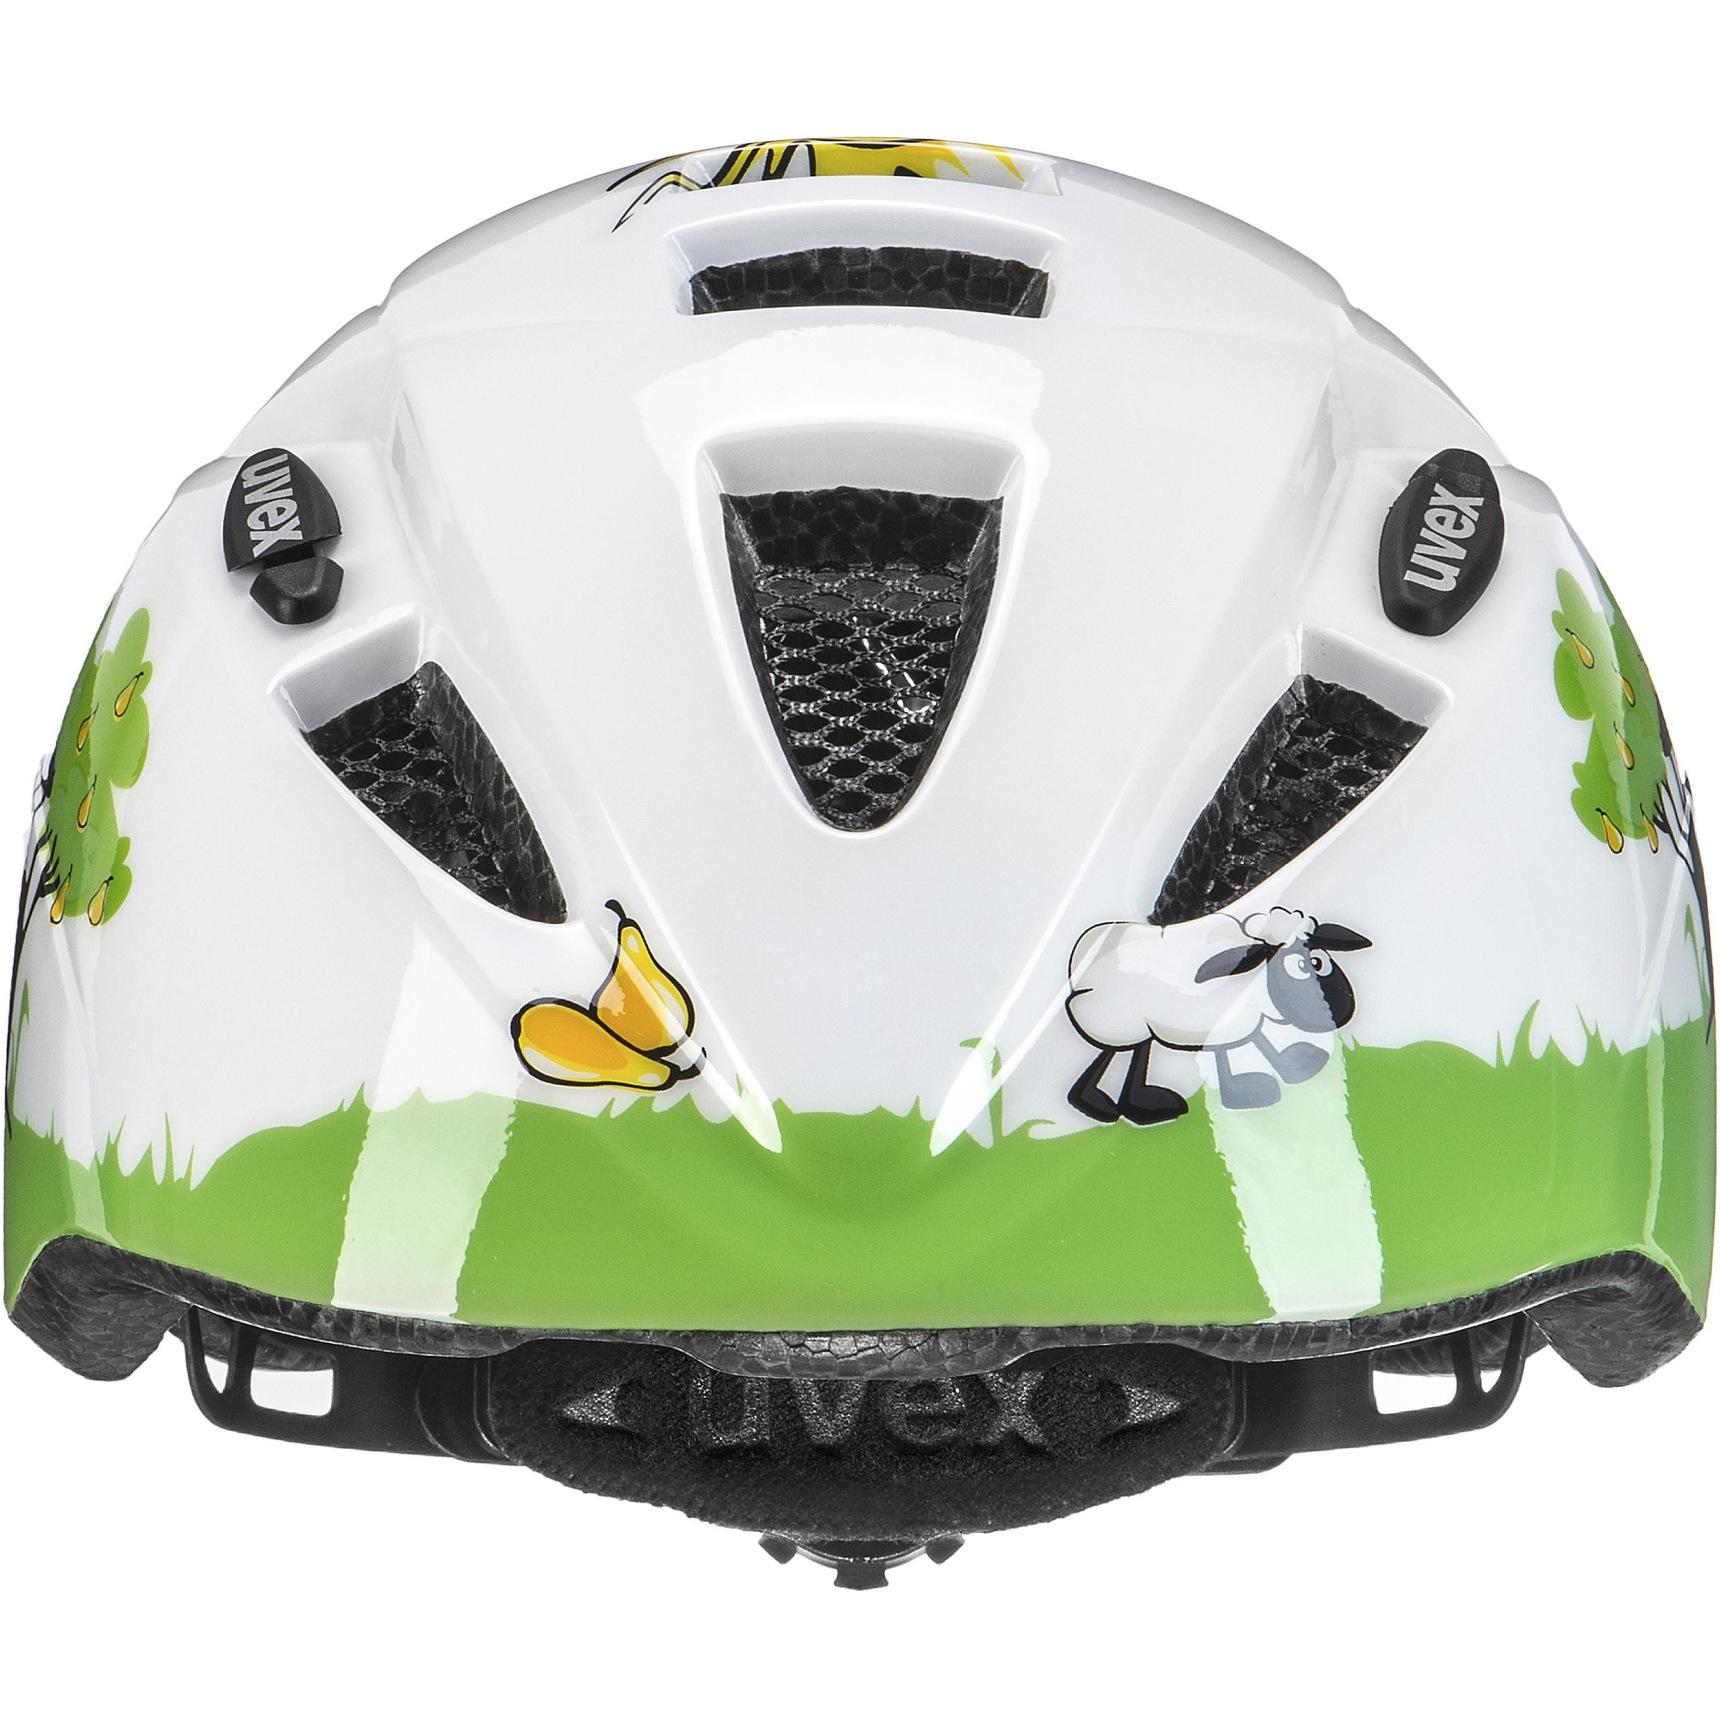 Image of Uvex kid 2 Kids Helmet - dolly